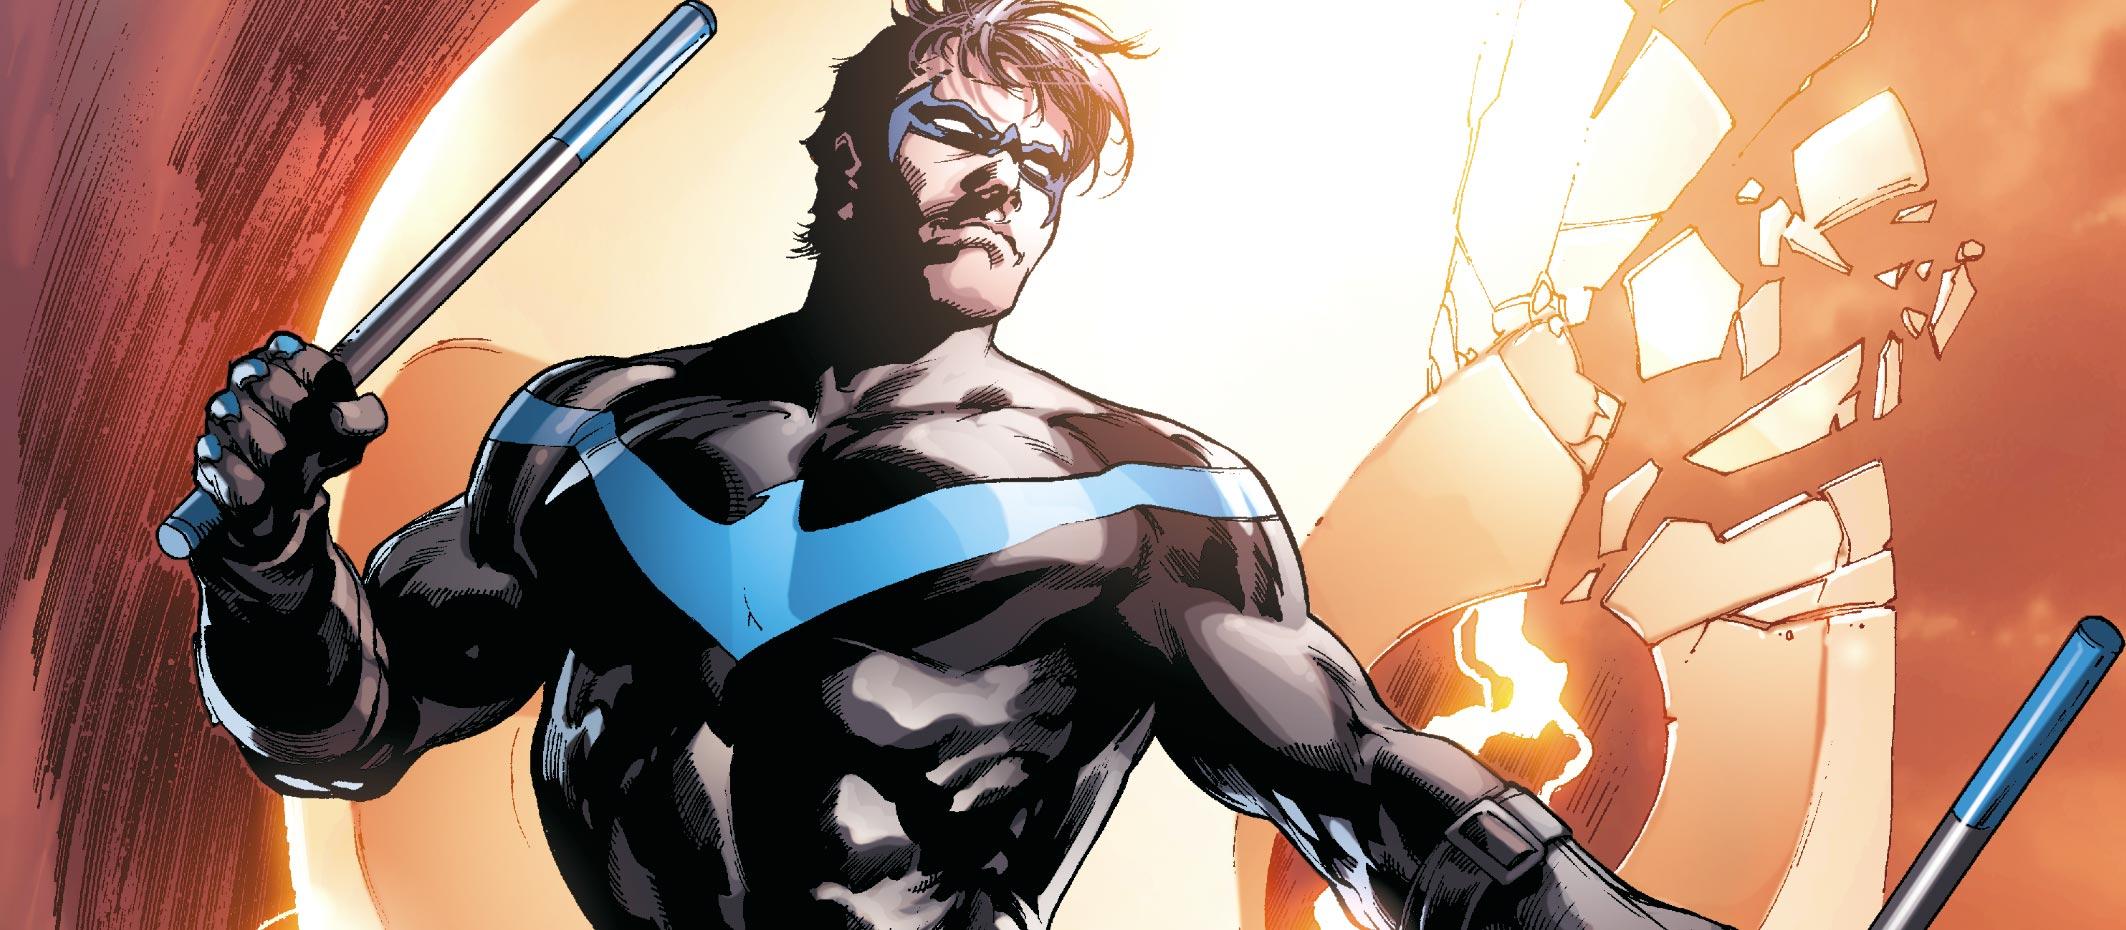 Torque, l'un des ennemis de Nightwing, est un dangereux criminel malgré un handicap :